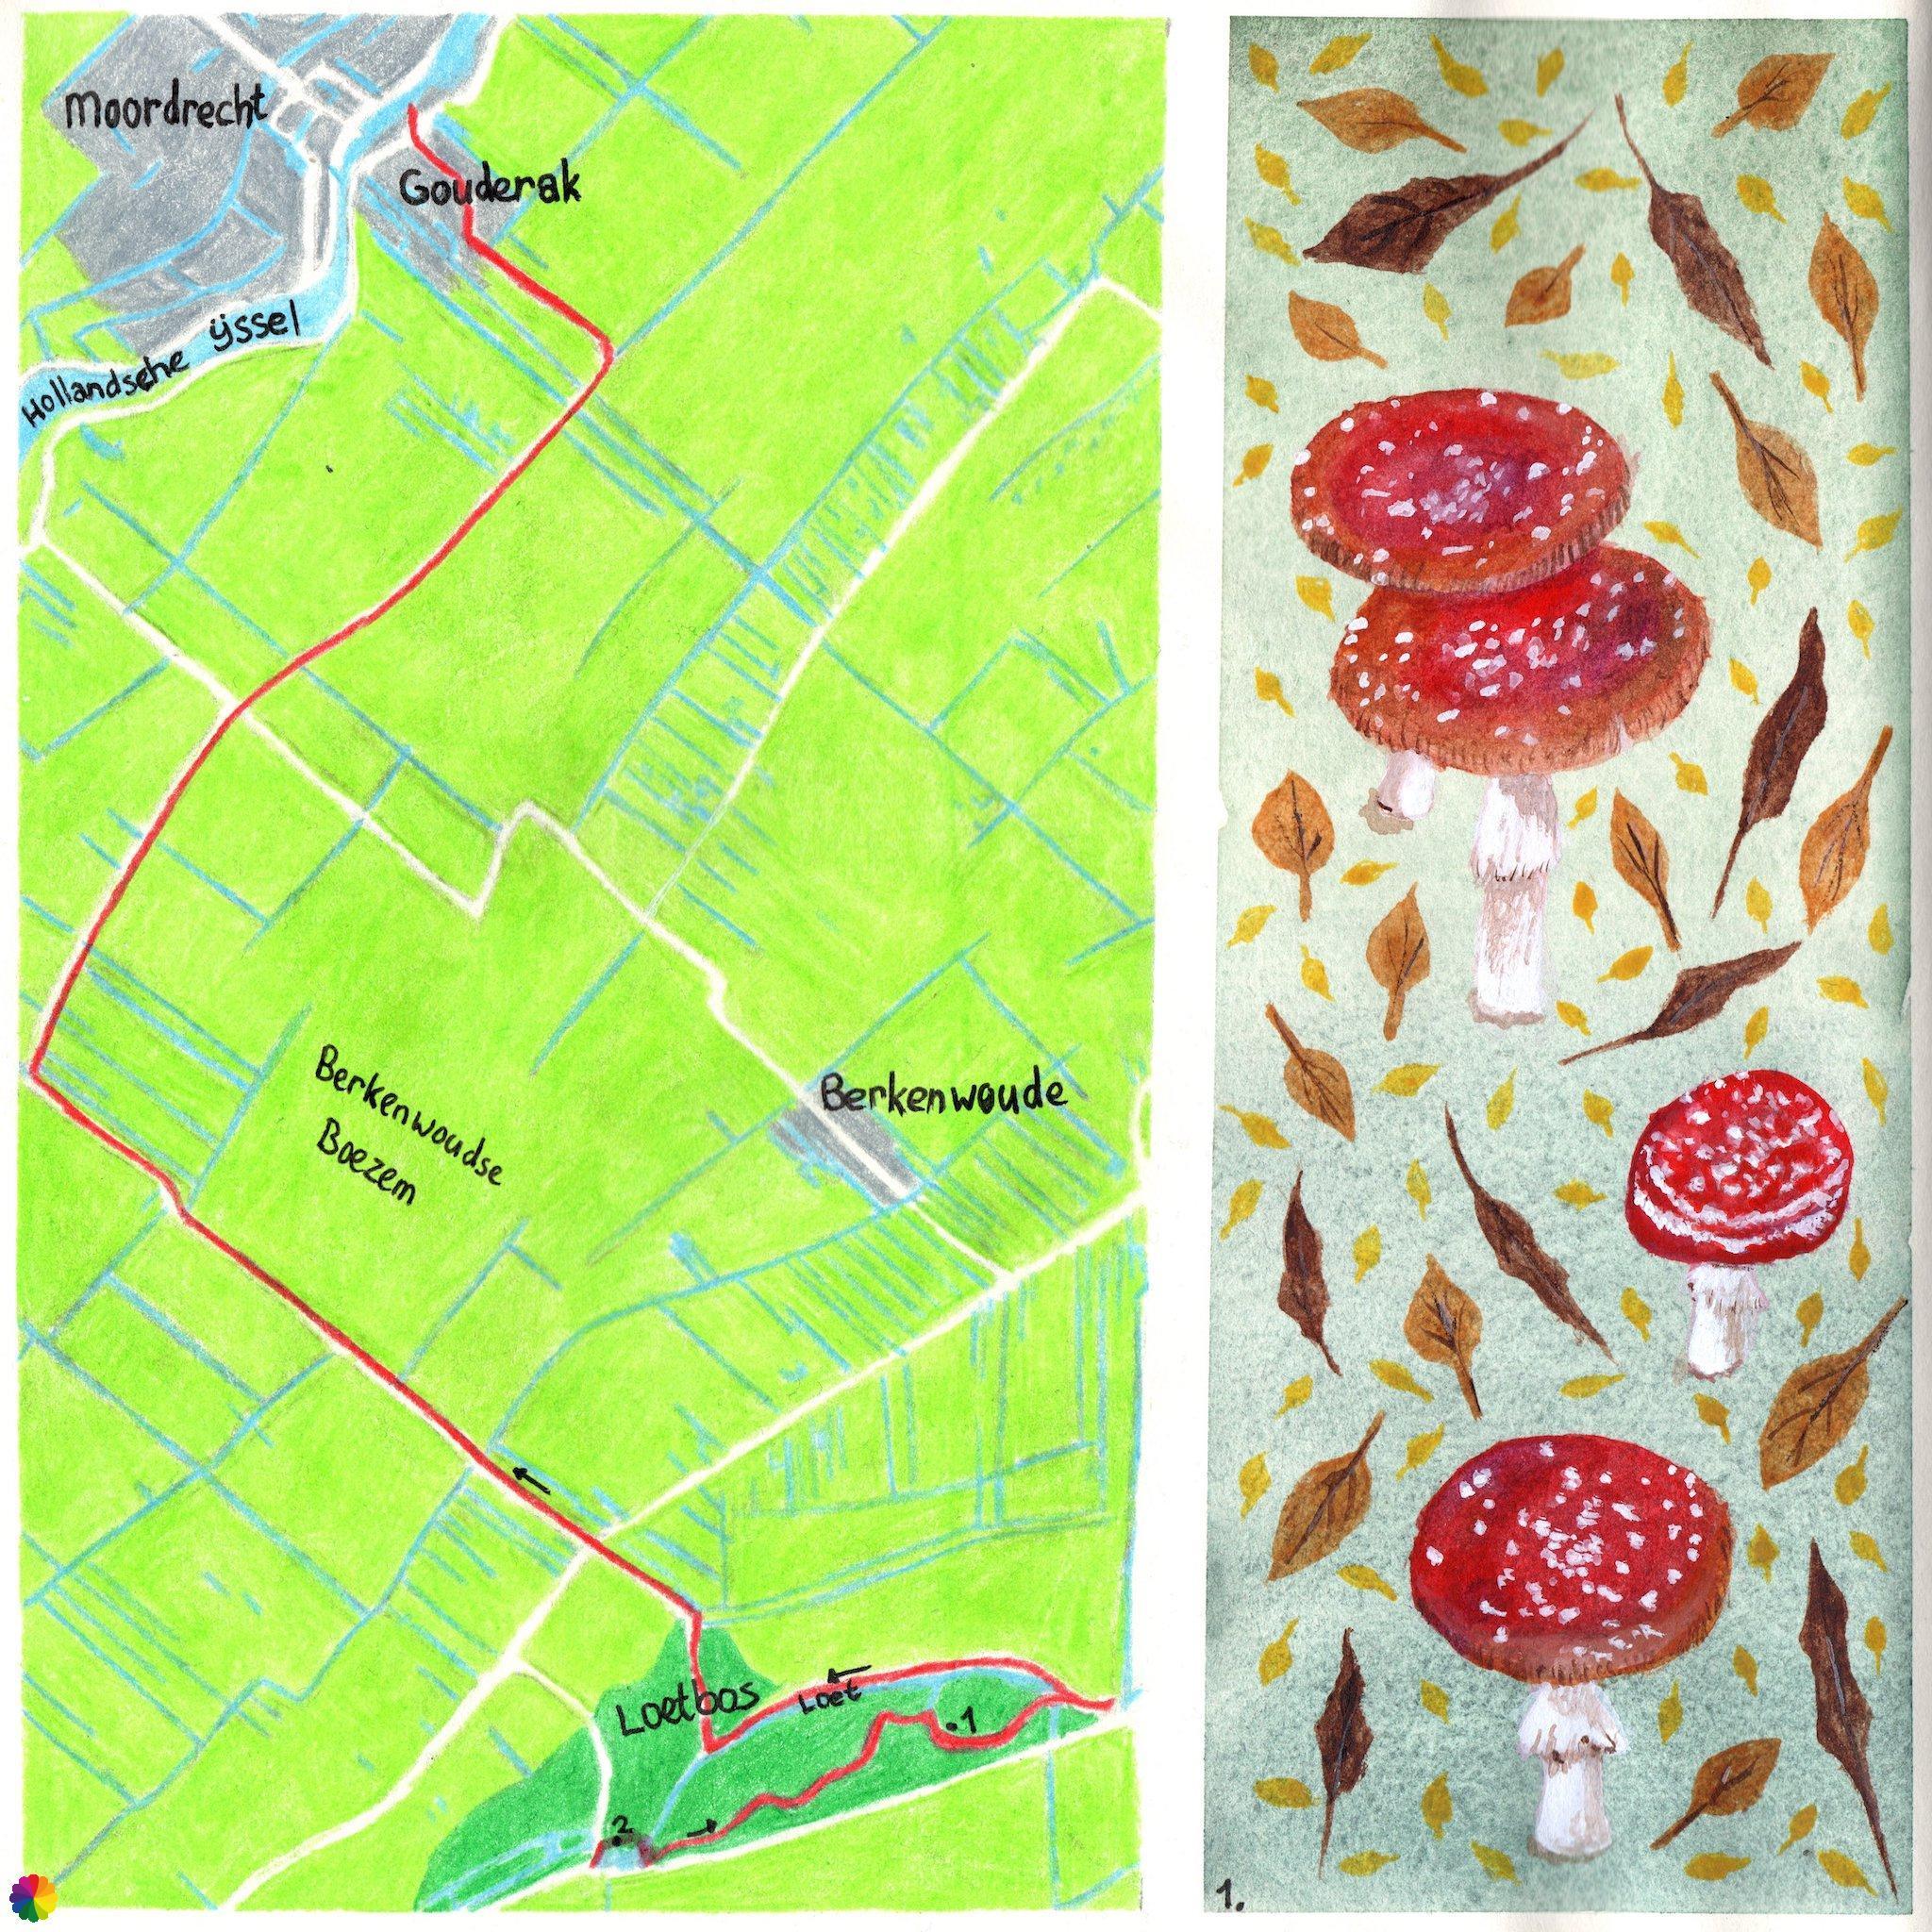 Wandelkaartje Grote rivierenpad Loetbos - Gouderak